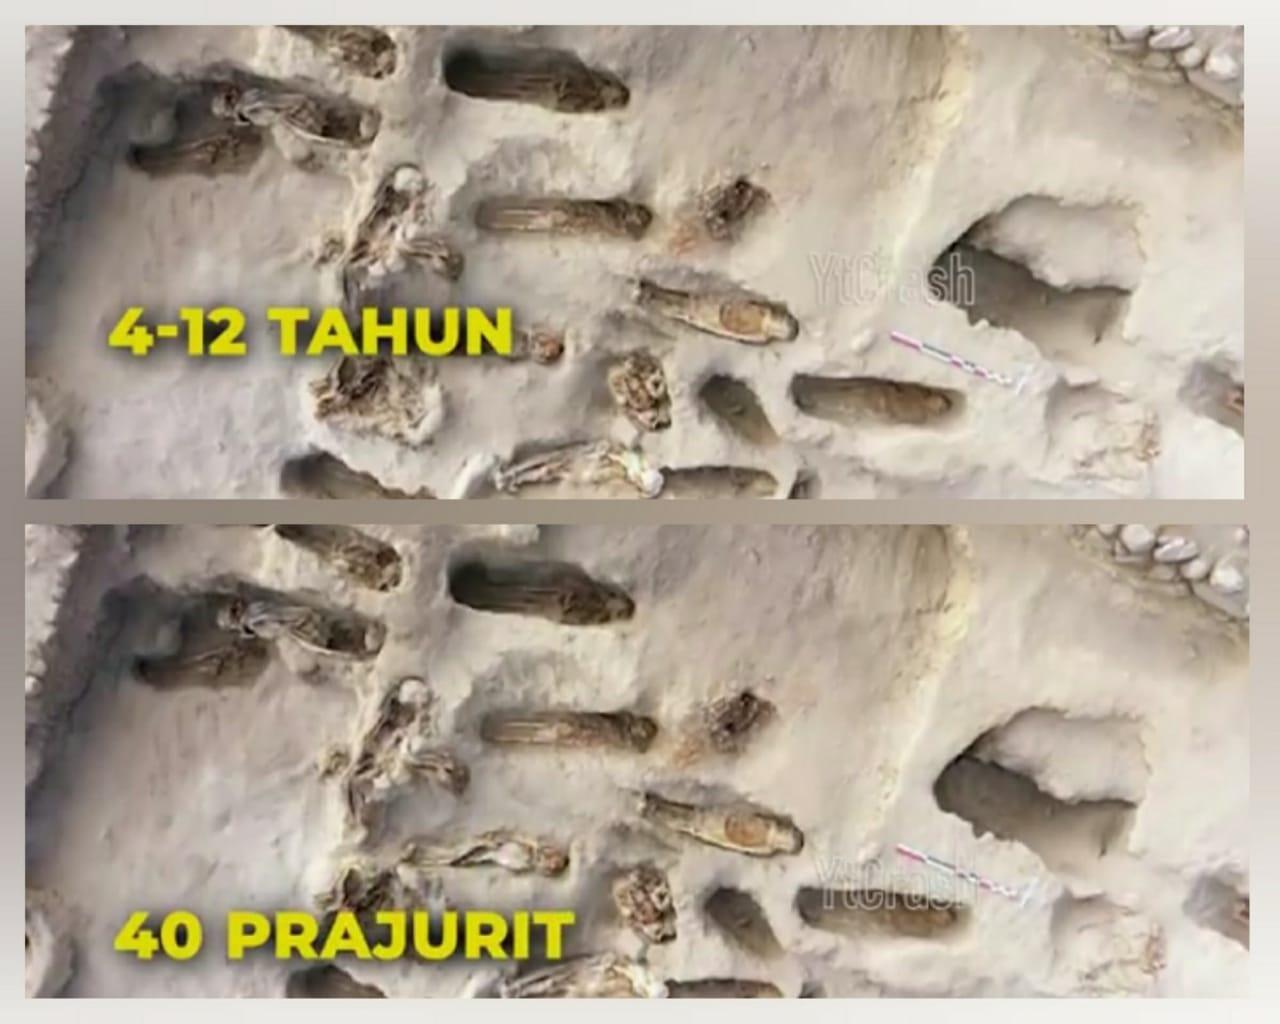 9 Penemuan yang Mencengangkan, Wow Ada Penampakan Bra 500 Tahun!